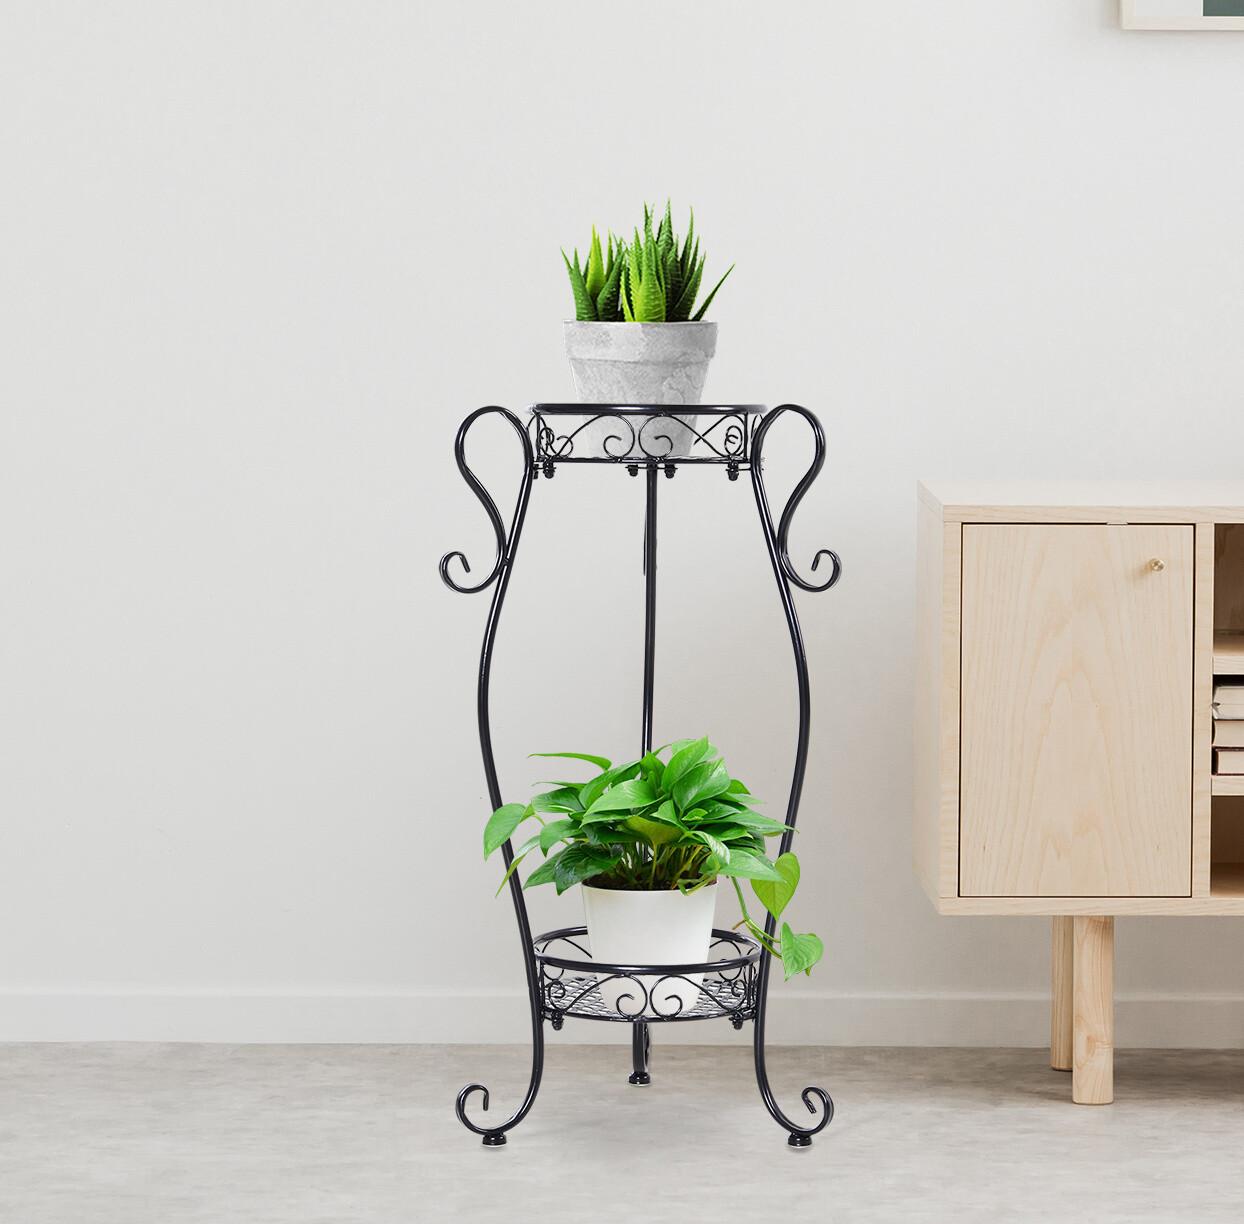 Outsunny® Pflanzenregal Gartenregal Blumenregal Blumentreppe 2 Ablage Metall Schwarz